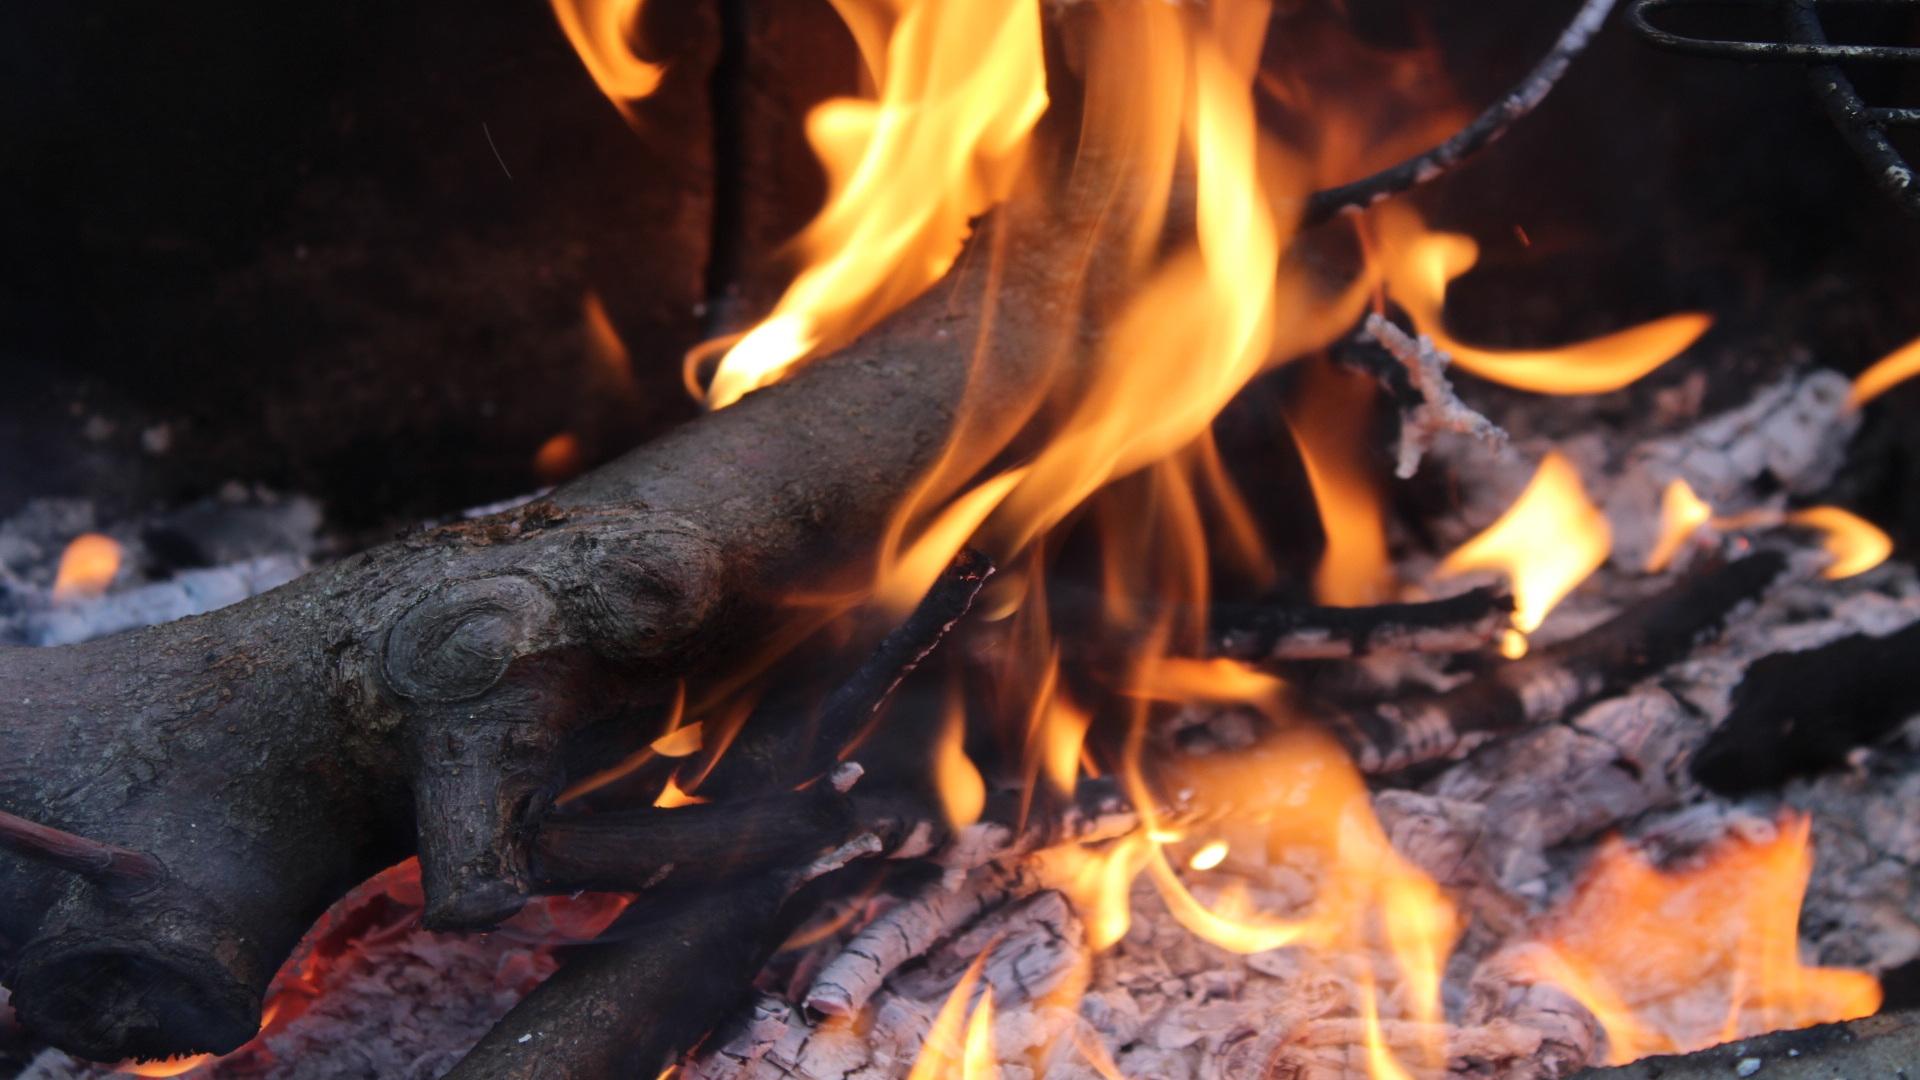 La investigacion de la ola de incendios del mes de octubre concluye que el 88 fueron intencionados.1920